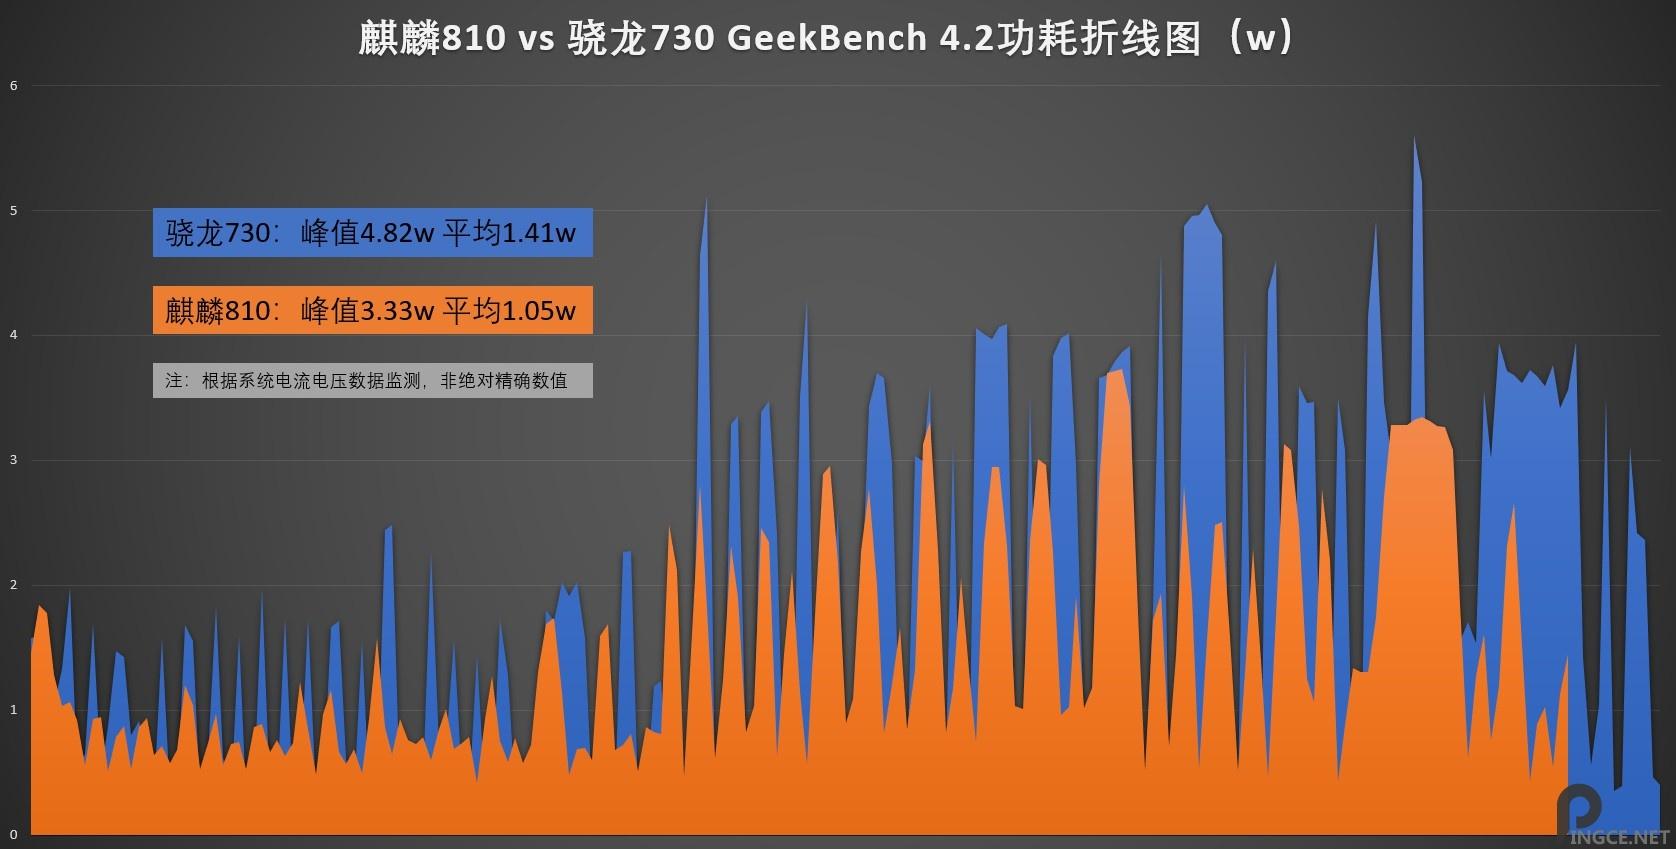 麒麟810 大战 骁龙730 深度评测 Nova5、荣耀9X简评